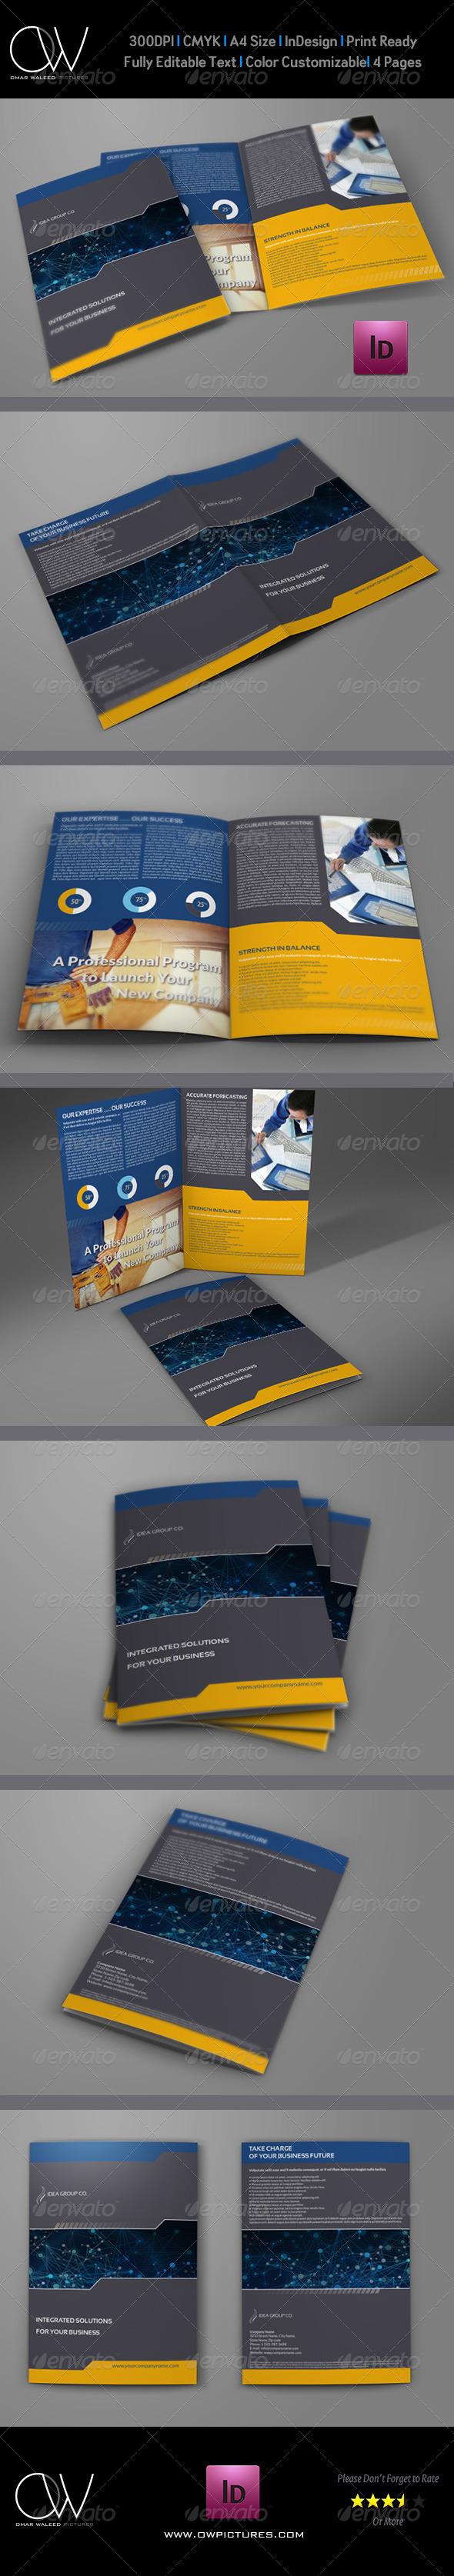 GraphicRiver Company Brochure Bi-Fold Template Vol.17 6608139